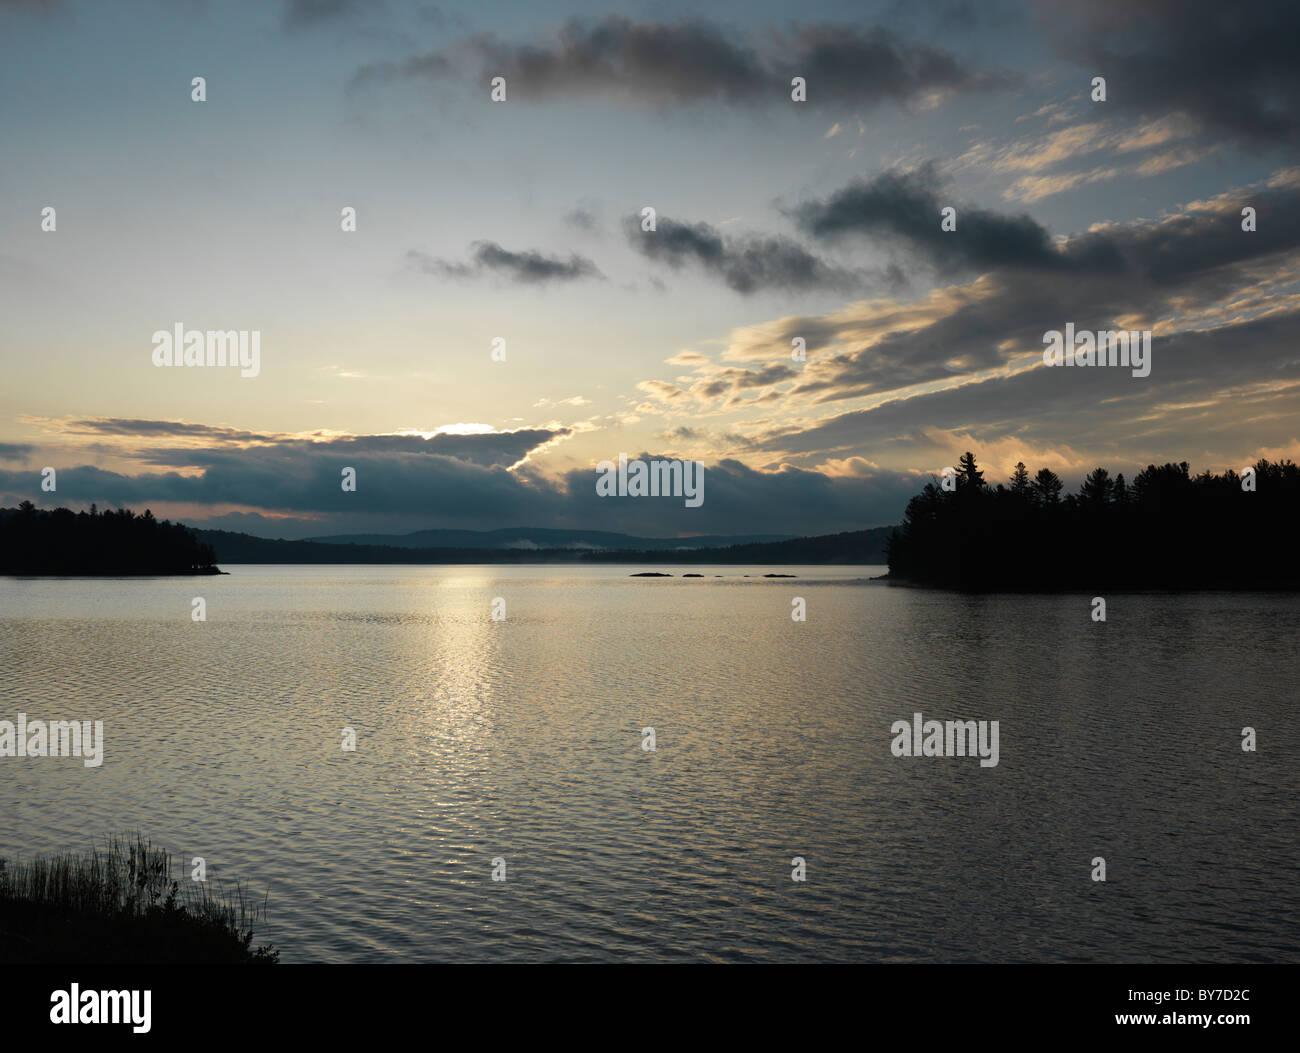 El Lago de Dos Ríos en la madrugada cae escenario natural. El Algonquin Provincial Park, Ontario, Canadá. Imagen De Stock